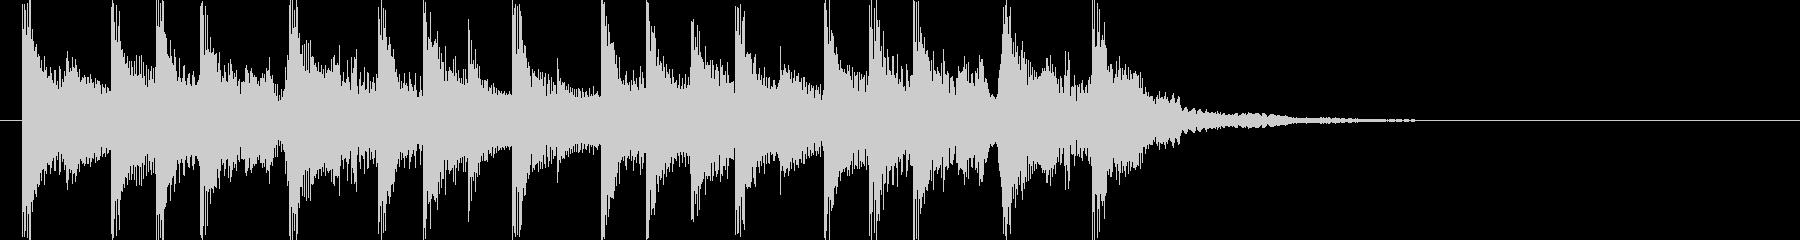 ラジオに合う爽やかポップジングルの未再生の波形